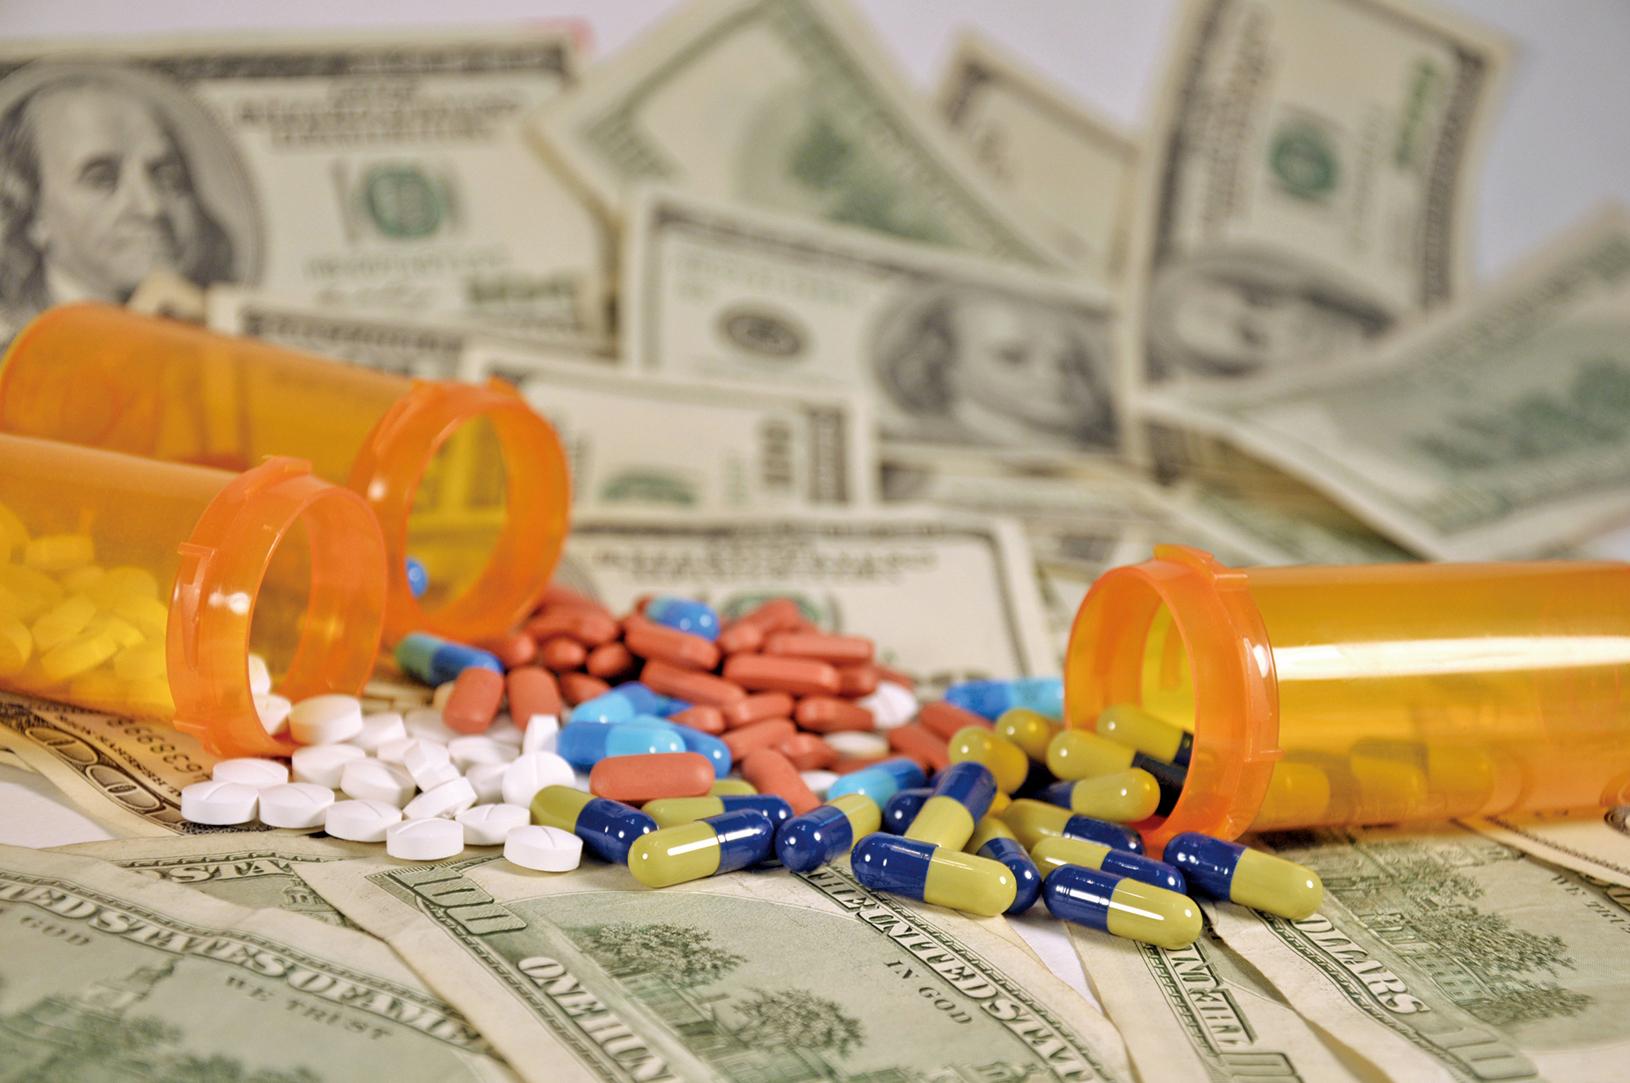 █中國是全球最大的活性藥物成份供應商,假疫苗、降壓藥含致癌物等藥品安全醜聞,引發國際消費者對全球供應鏈健康風險的擔憂。美國食品和藥物管理局(FDA)向中國醫藥製造商發出的警告信函數量增加。(Fotolia)